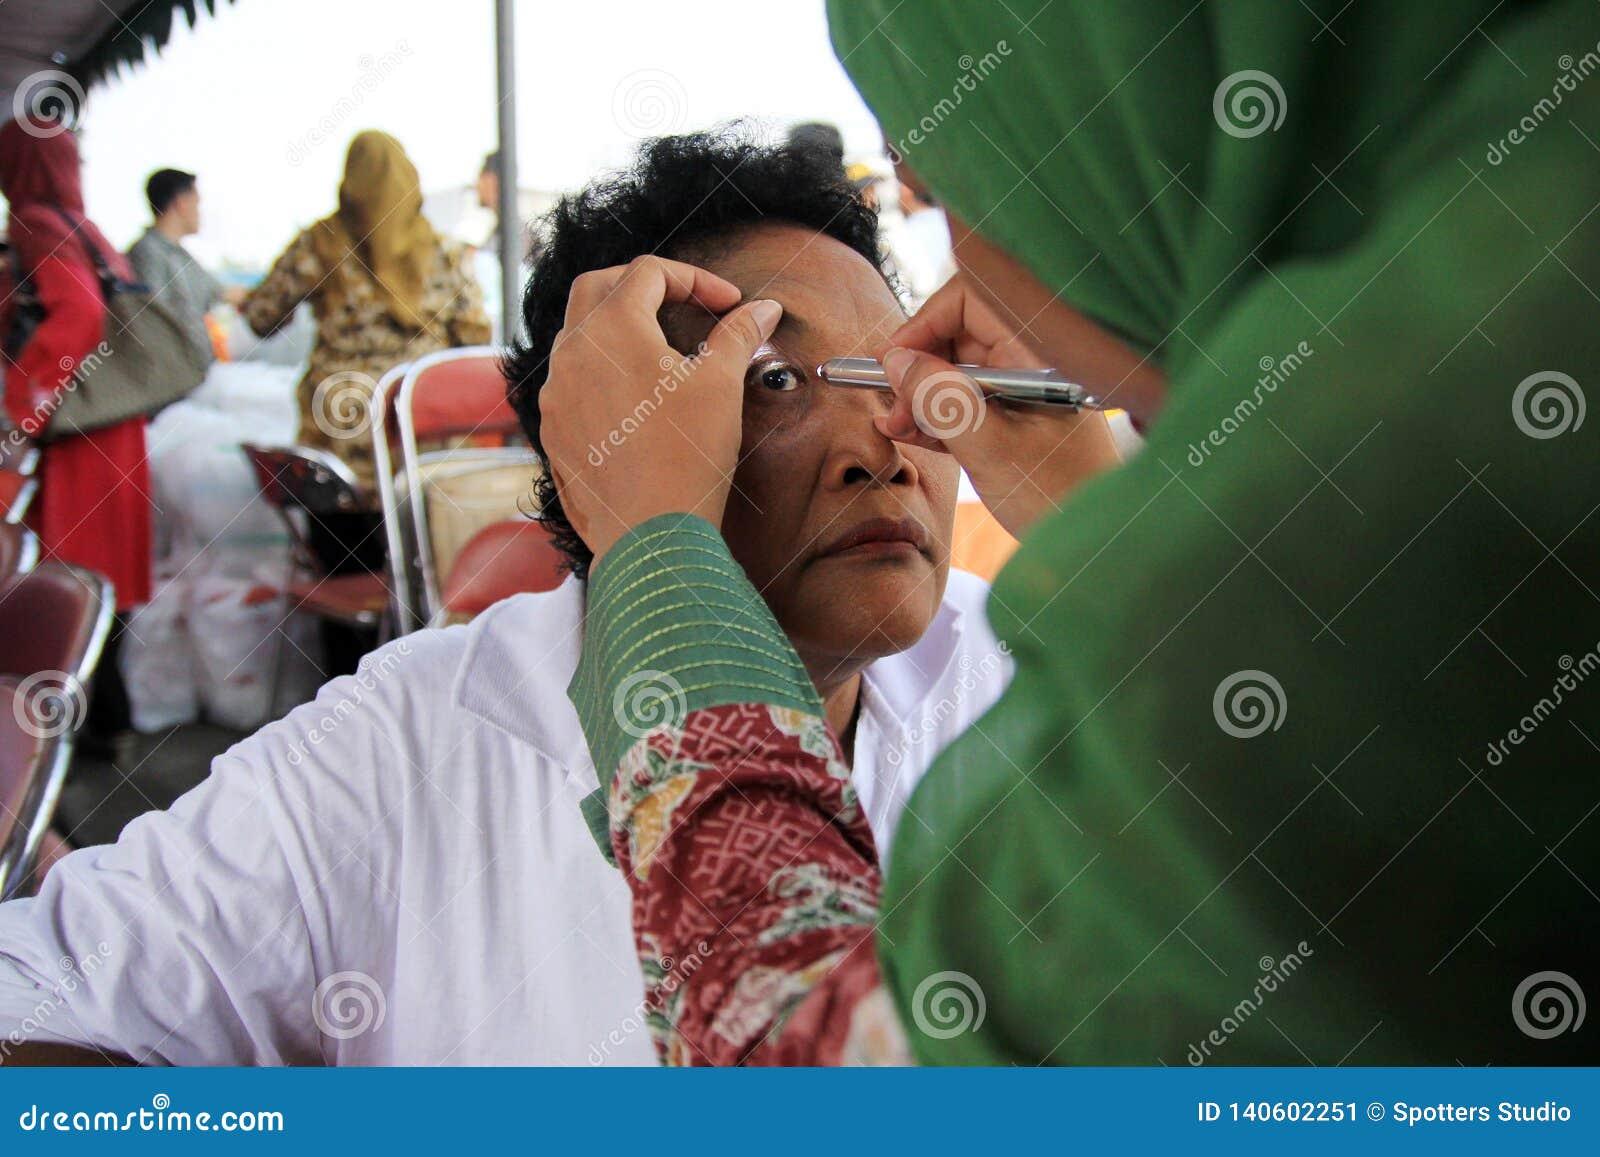 Surabaya Indonésia, pode 21, 201surabaya Indonésia, pode 21, 2014 um trabalhador do setor da saúde está sendo verificação a saúde